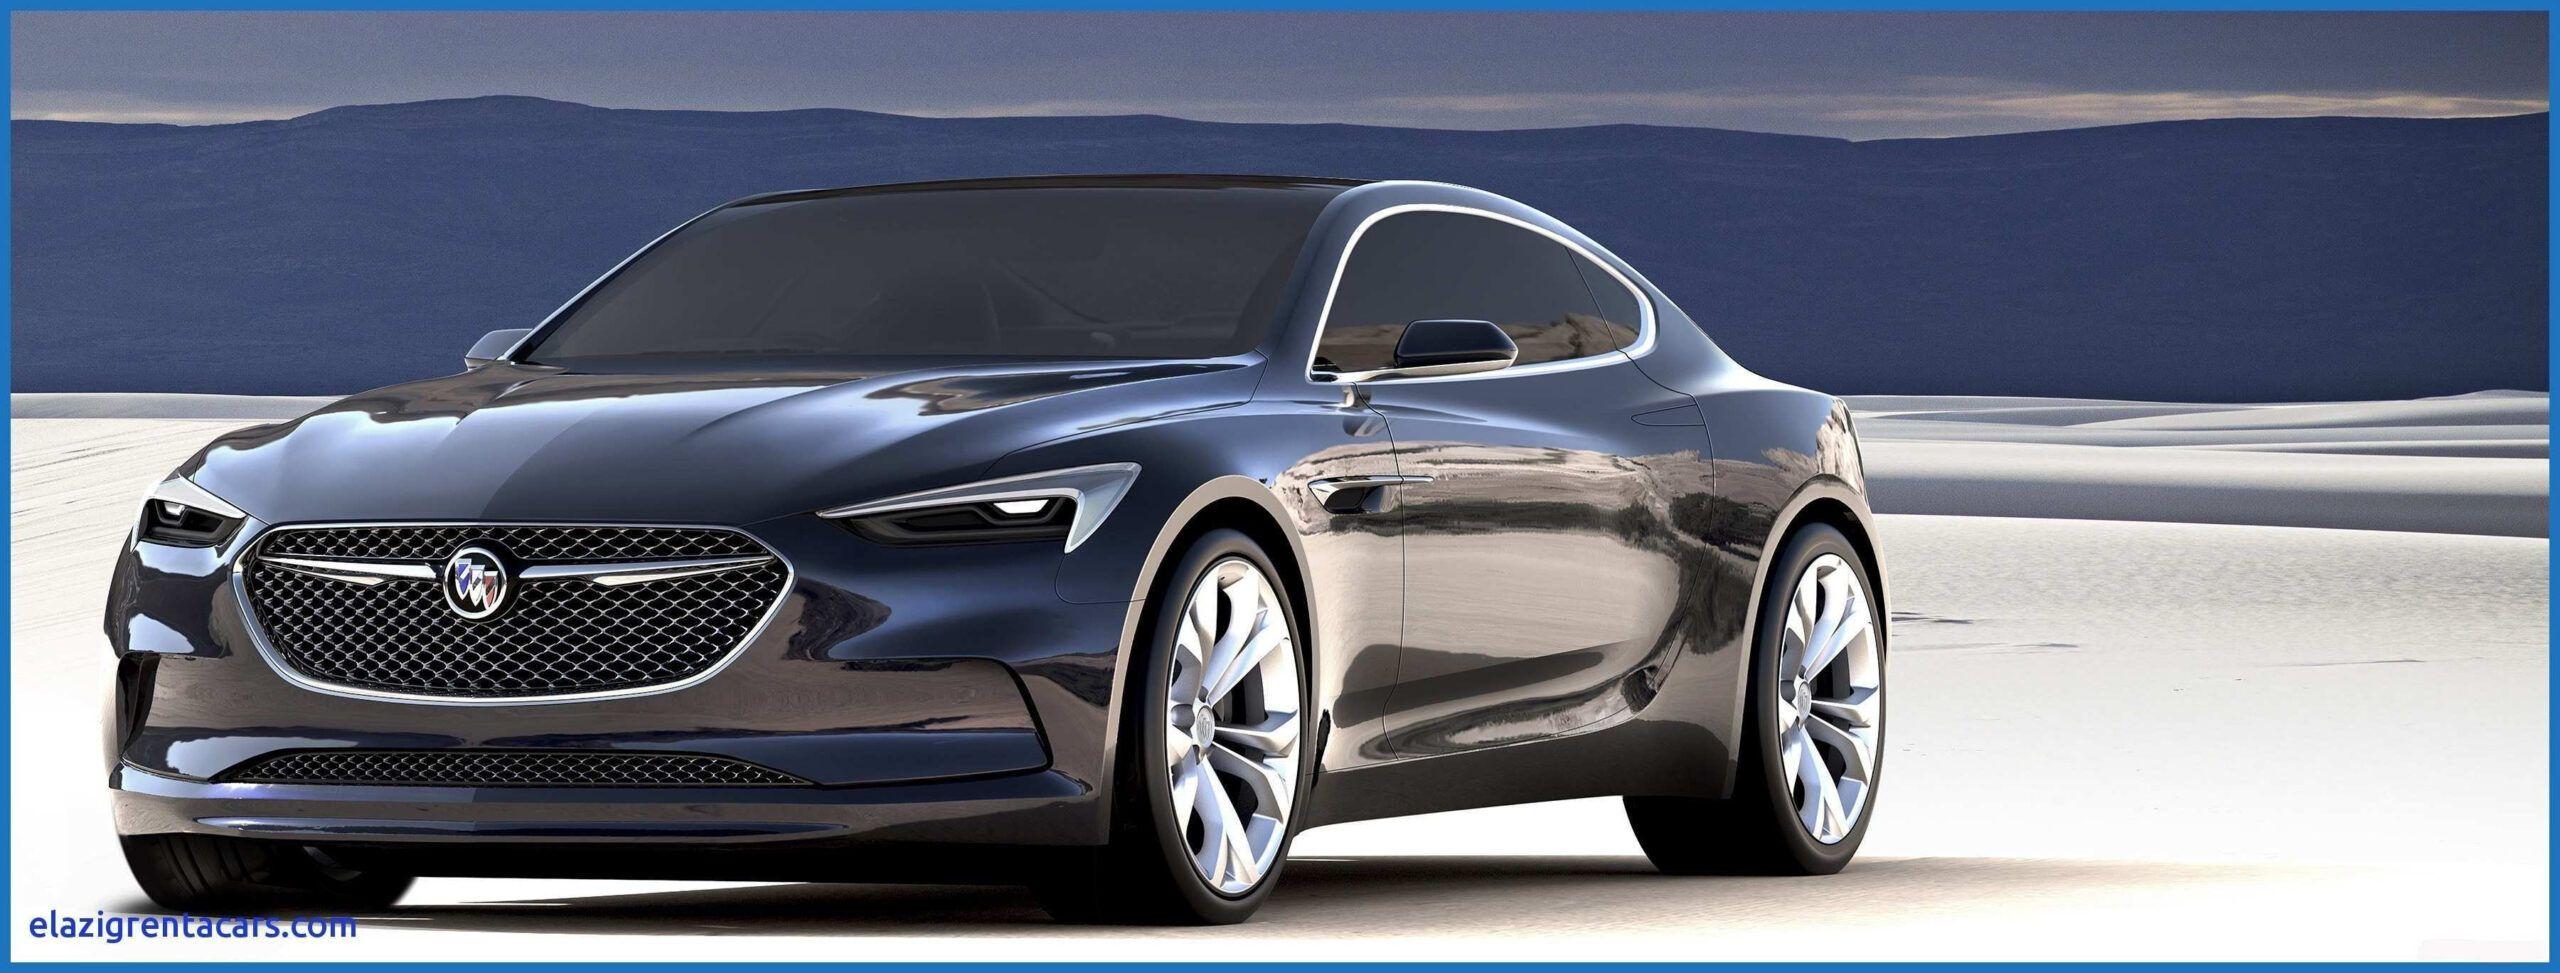 2021 Buick Gnx Wallpaper